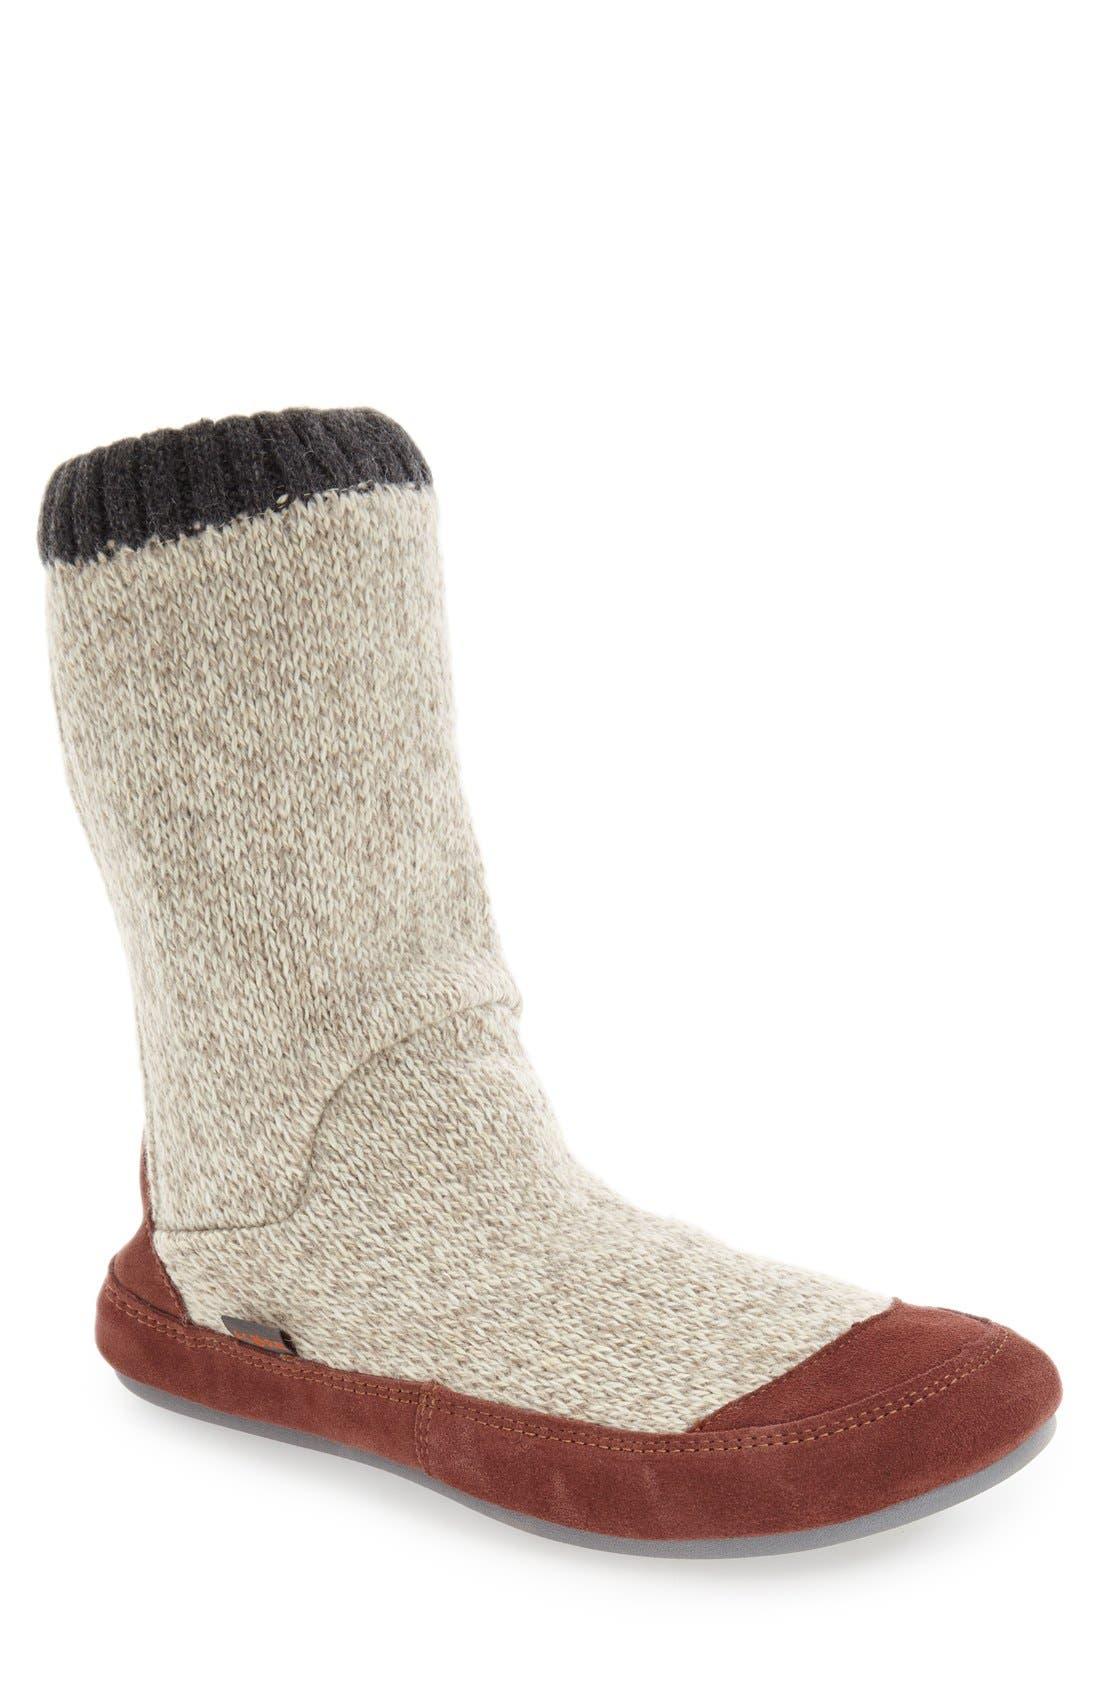 Alternate Image 1 Selected - Acorn 'Slouch Boot' Slipper (Men)